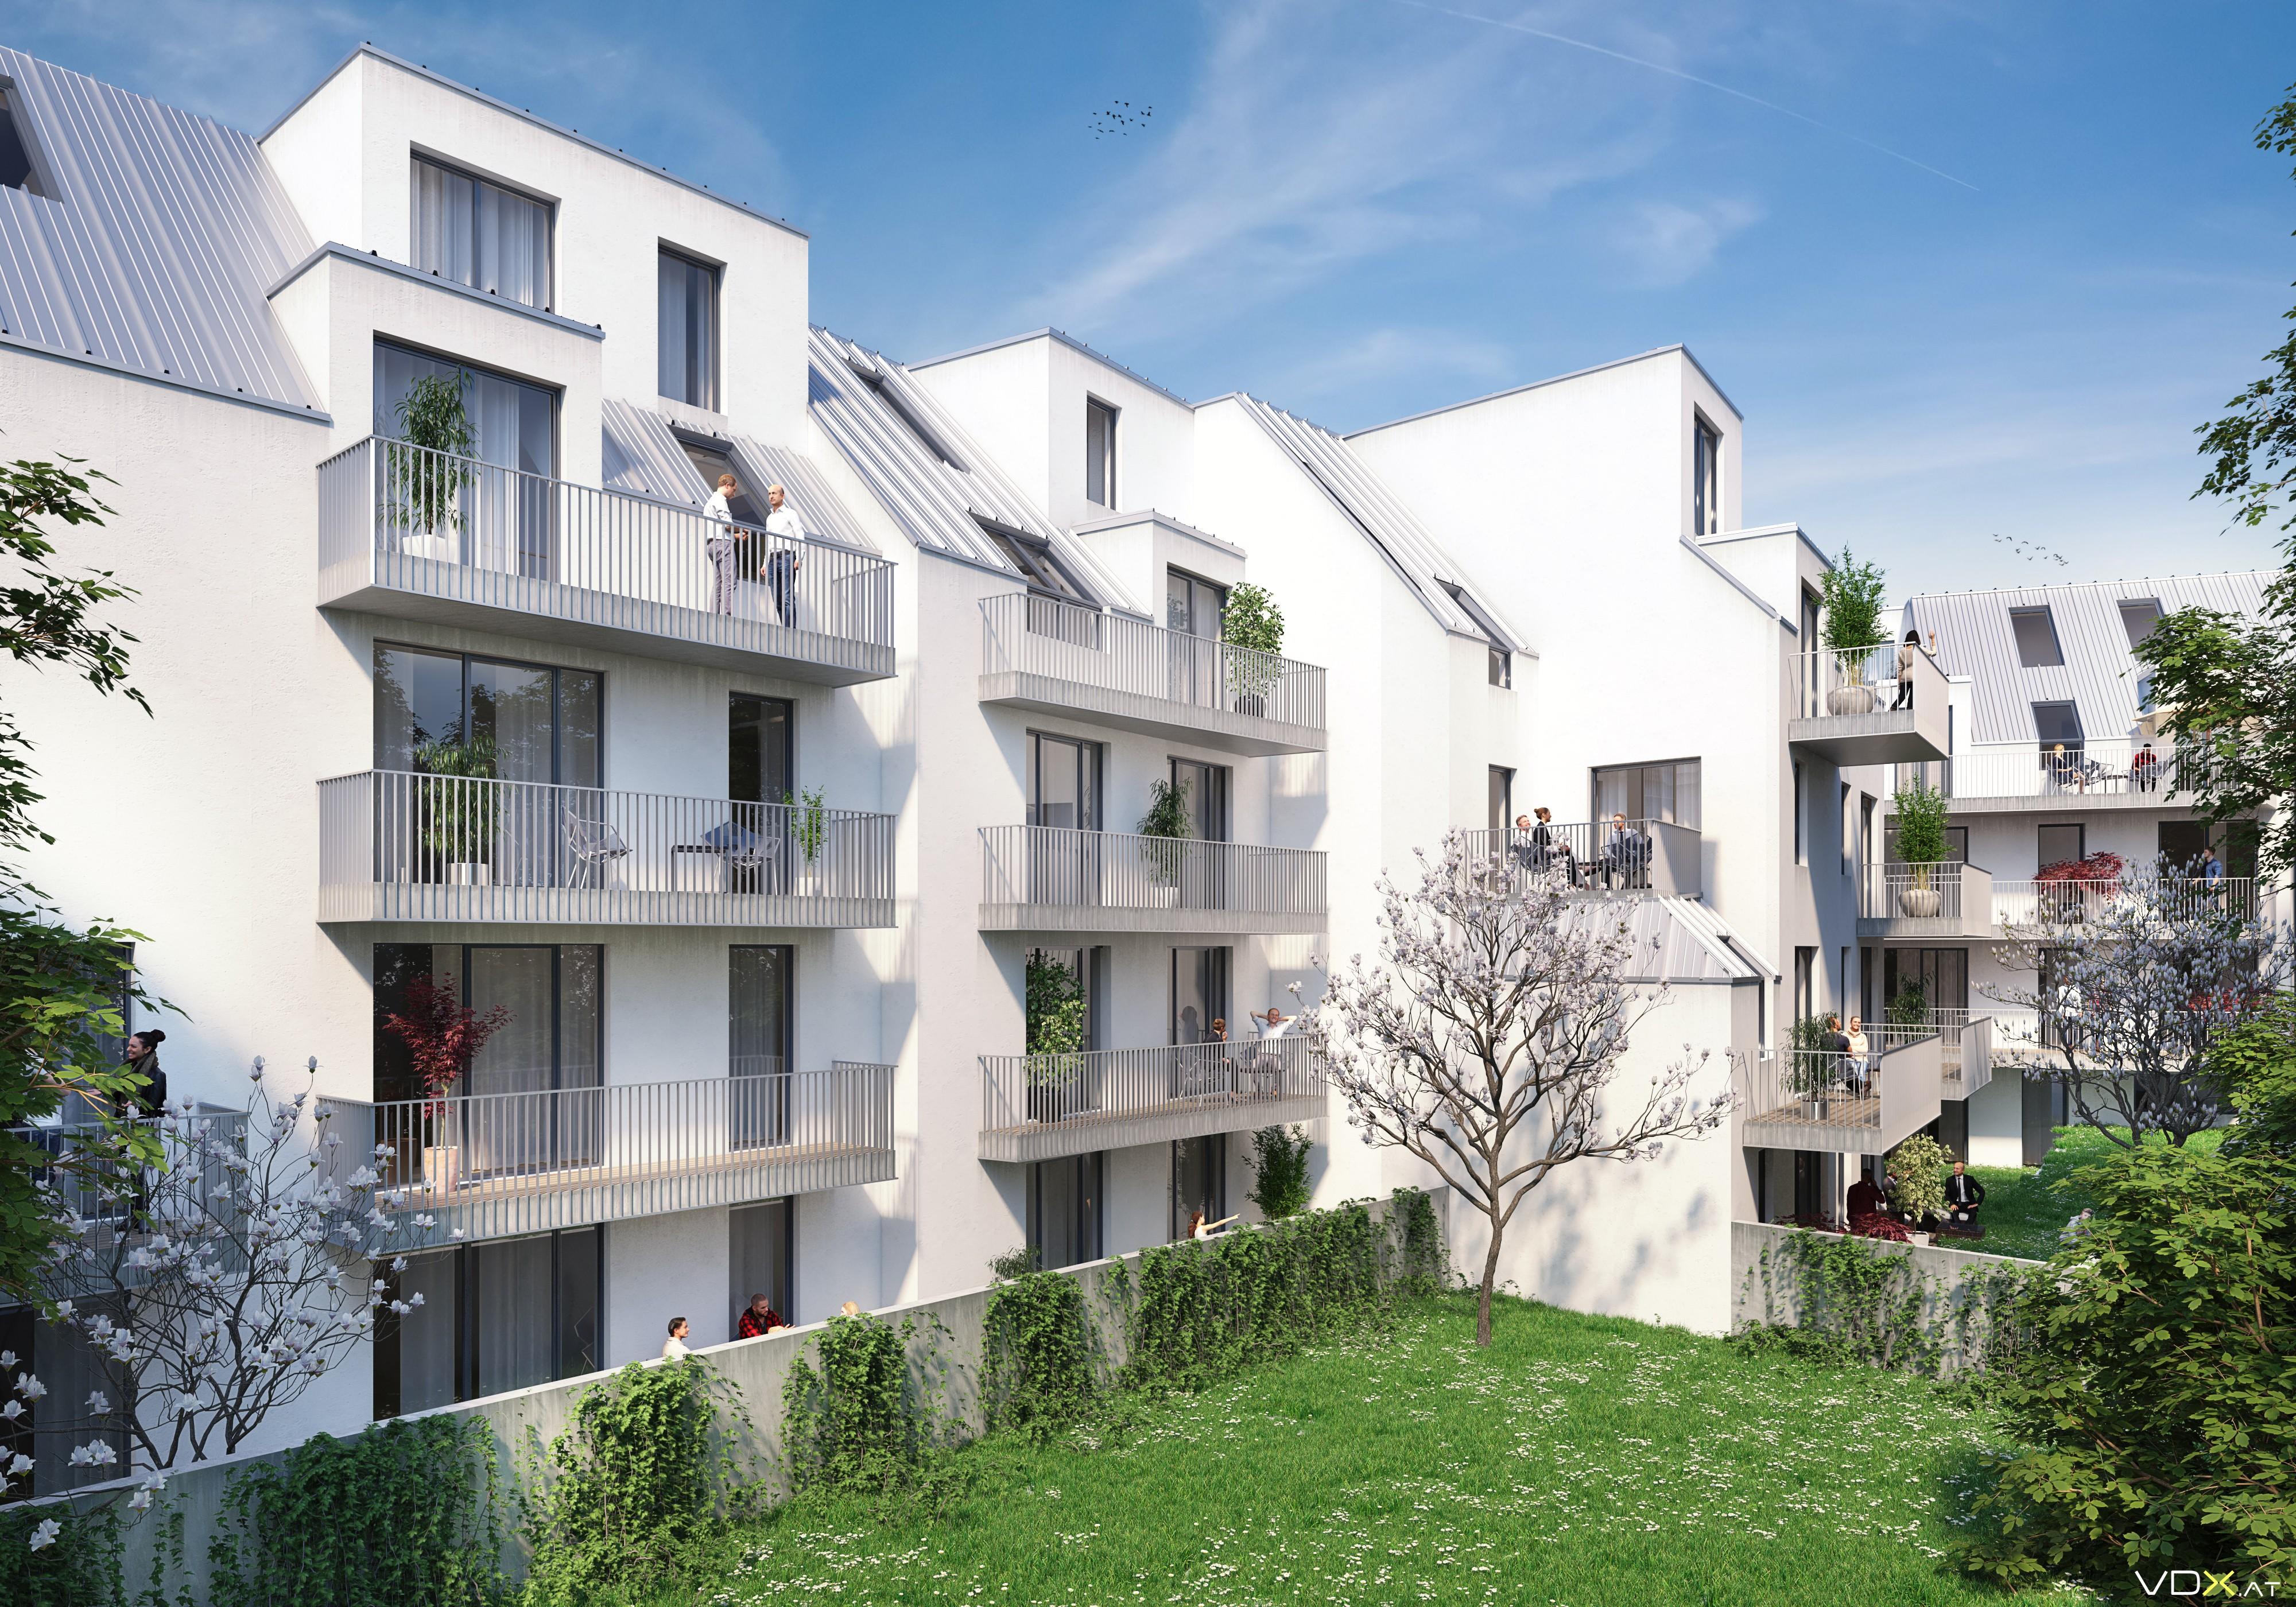 © RUNSER / PRANTL architekten, Niedrigstenergie Wohnhausanlage St.Pölten, 3100 St.Pölten, Linzer Strasse, Niederösterreich, Österreich, 2017, Niedrigstenergie Wohnhausanlage, Render: VDX <p>